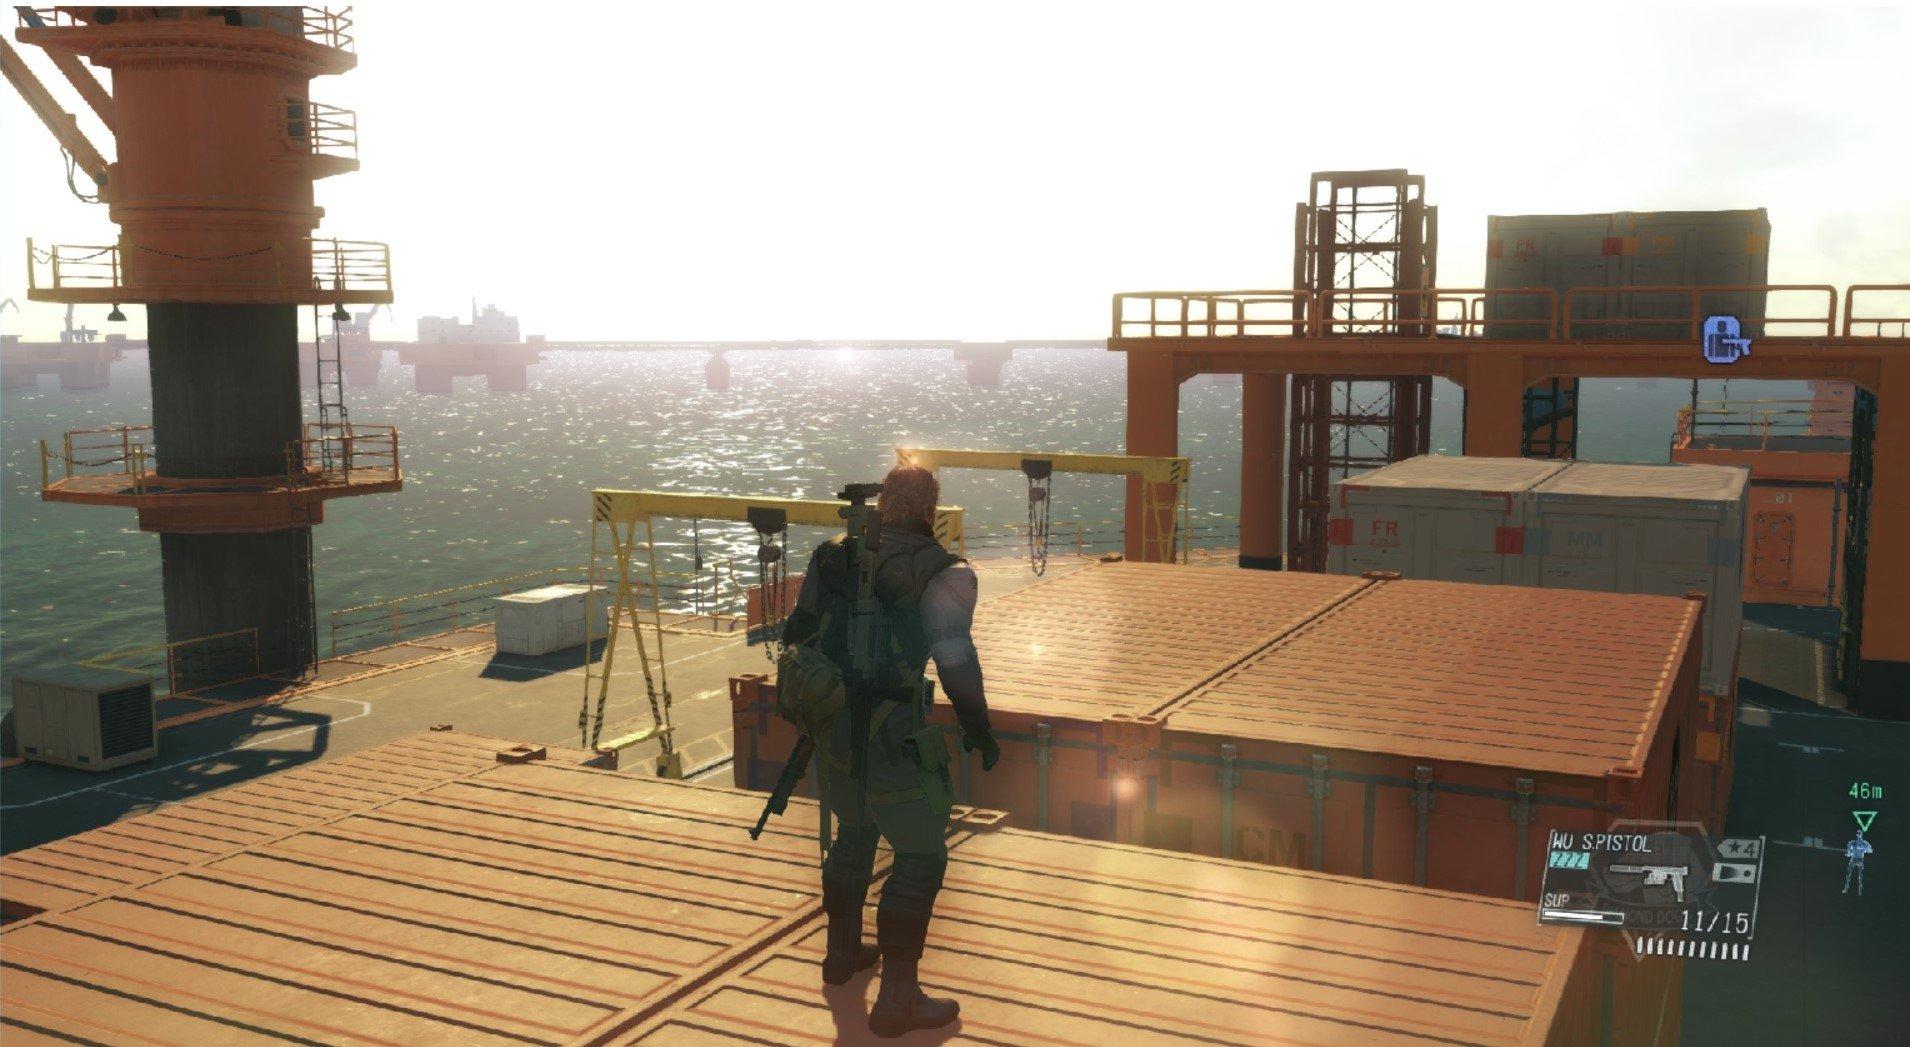 И снова о Metal Gear Solid V, а еще о fps на разных картах. - Изображение 2